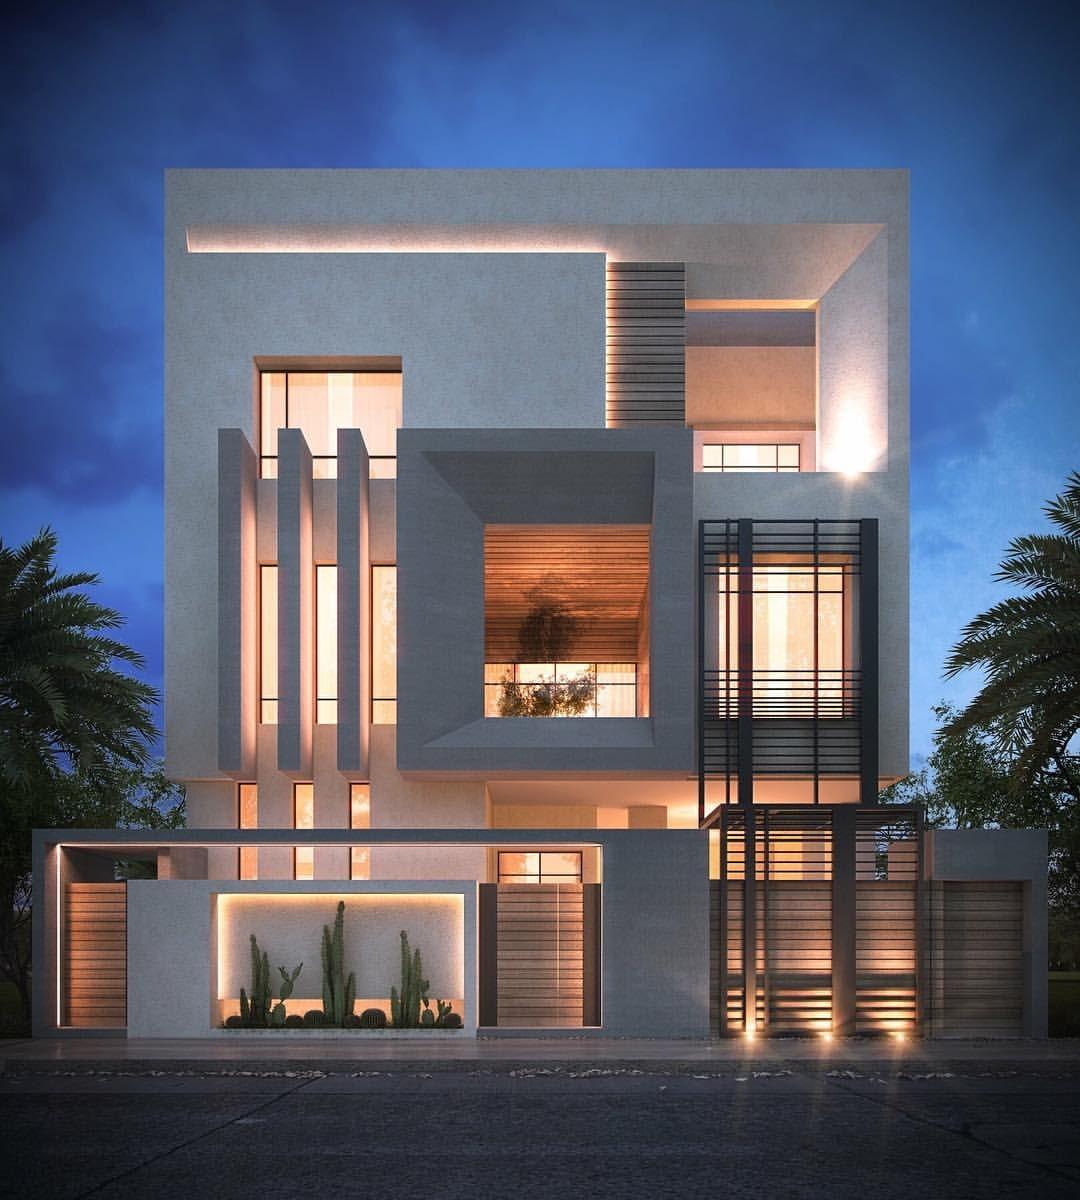 20.1k Likes, 56 Comments - Amazing Architecture (@amazing ...